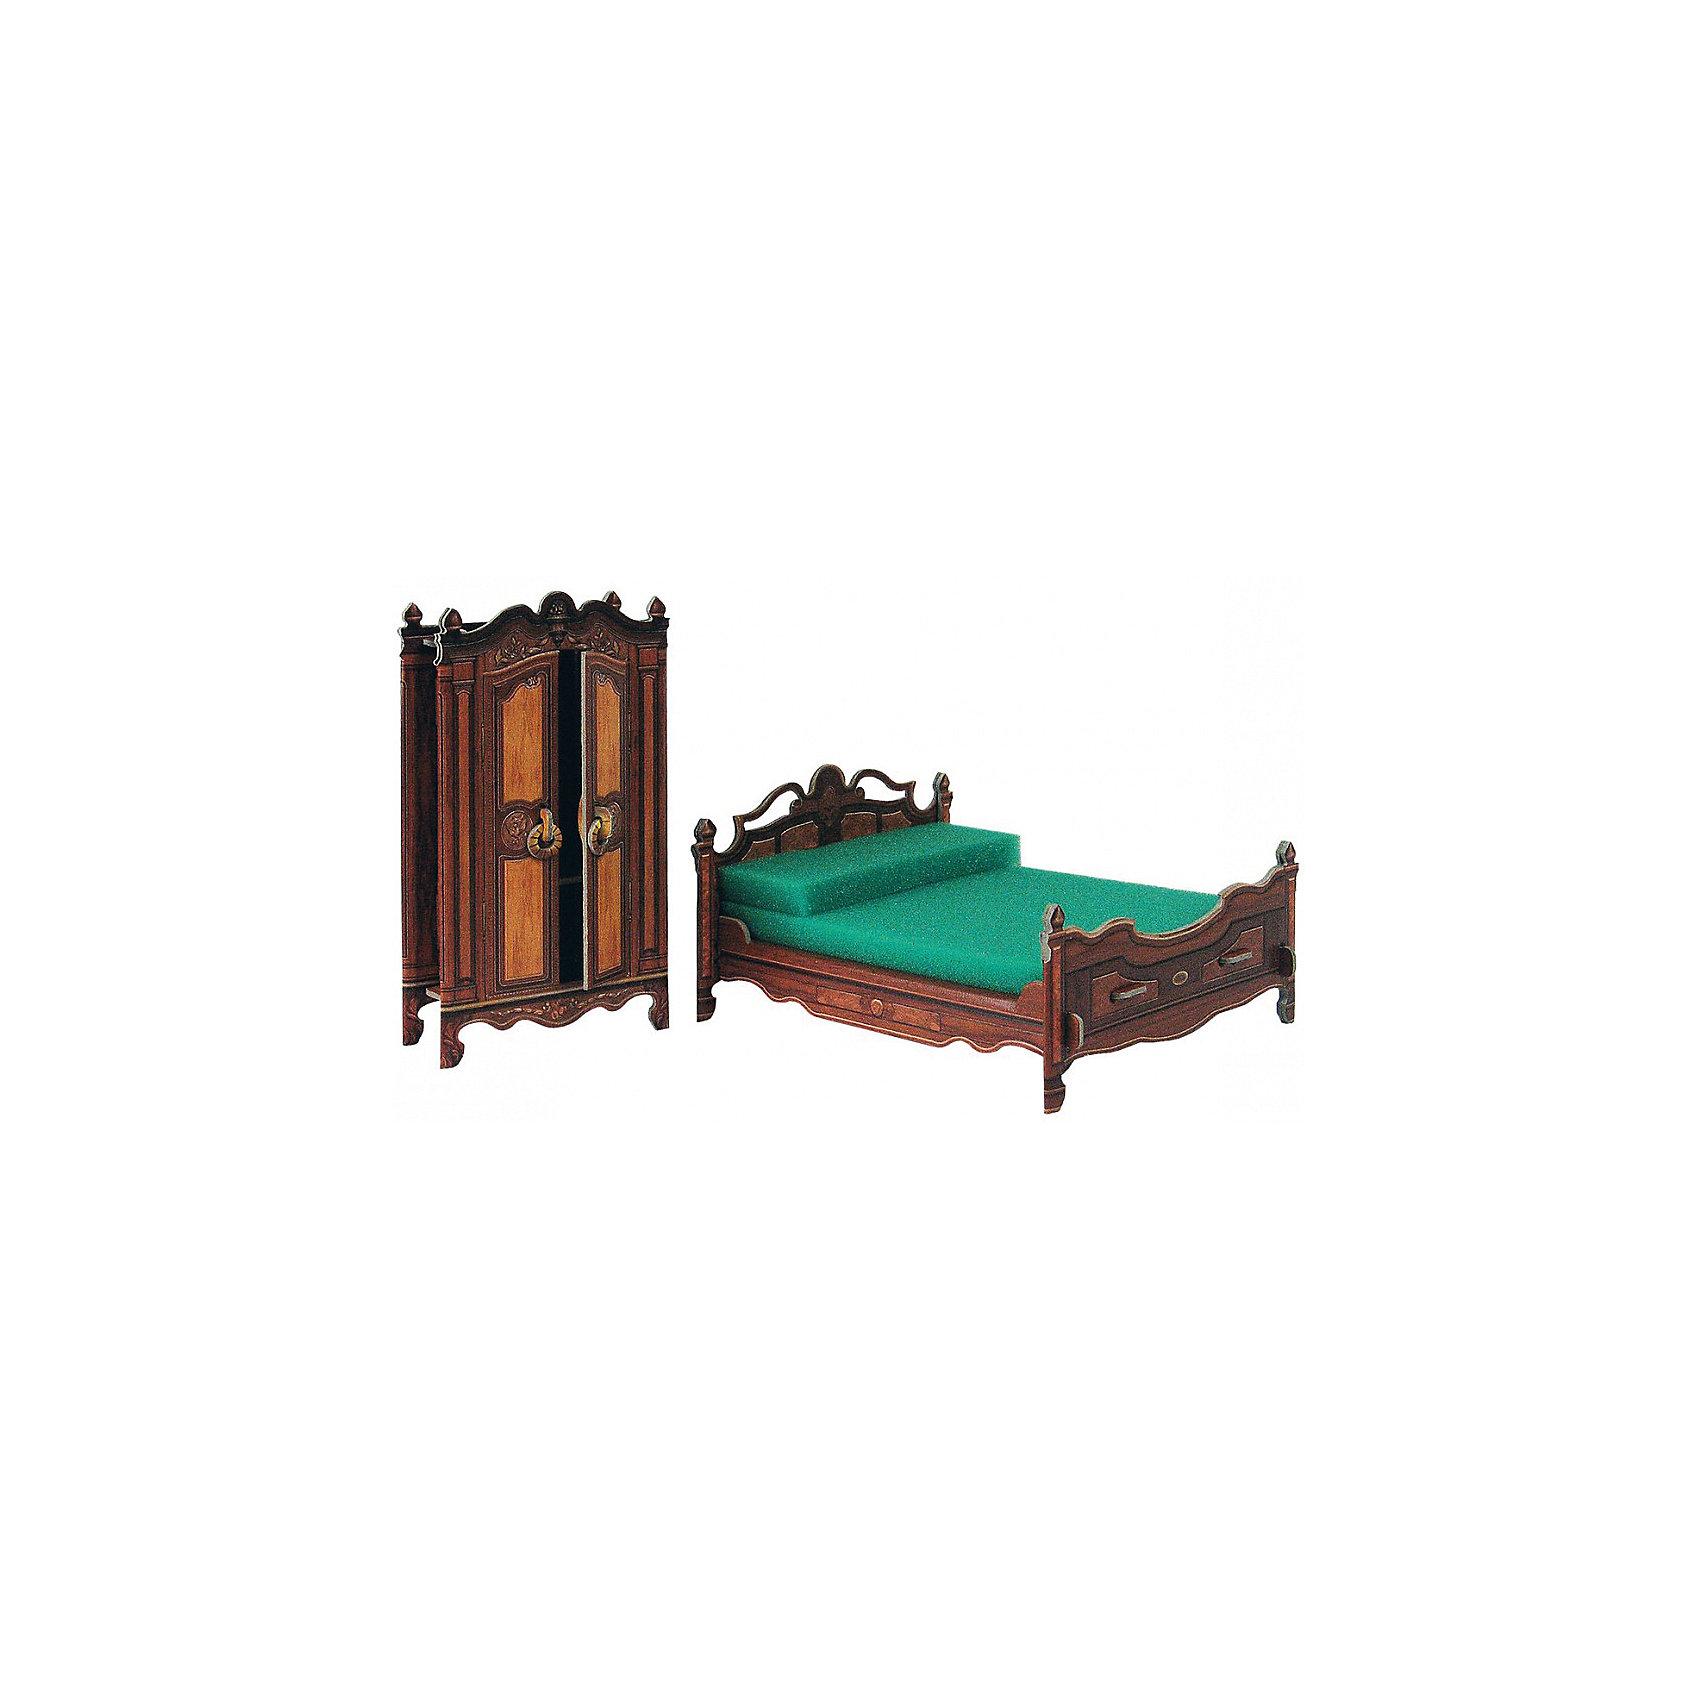 Сборная модель СпальняМодели из картона и бумаги<br>Спальня - Сюжетный игровой набор из плотного картона. Серия: Кукольный дом и мебель. Количество деталей, шт: 12. Размер в собранном виде, см: Кровать 11 х 7 х 14 Шкаф 7 х 13 х 3. Размер упаковки, мм.:  высота 264 ширина 180 глубина 19. Тип упаковки: Картонная коробка. Вес, гр.: 157. Возраст: от 7 лет. Все модели и игрушки, созданные по технологии УМНАЯ БУМАГА собираются без ножниц и клея, что является их неповторимой особенностью.<br>Принцип соединения деталей запатентован. Соединения деталей продуманы и просчитаны с такой точностью, что при правильной сборке с моделью можно играть, как с обычной игрушкой.<br><br>Ширина мм: 180<br>Глубина мм: 19<br>Высота мм: 264<br>Вес г: 157<br>Возраст от месяцев: 36<br>Возраст до месяцев: 2147483647<br>Пол: Унисекс<br>Возраст: Детский<br>SKU: 4807476